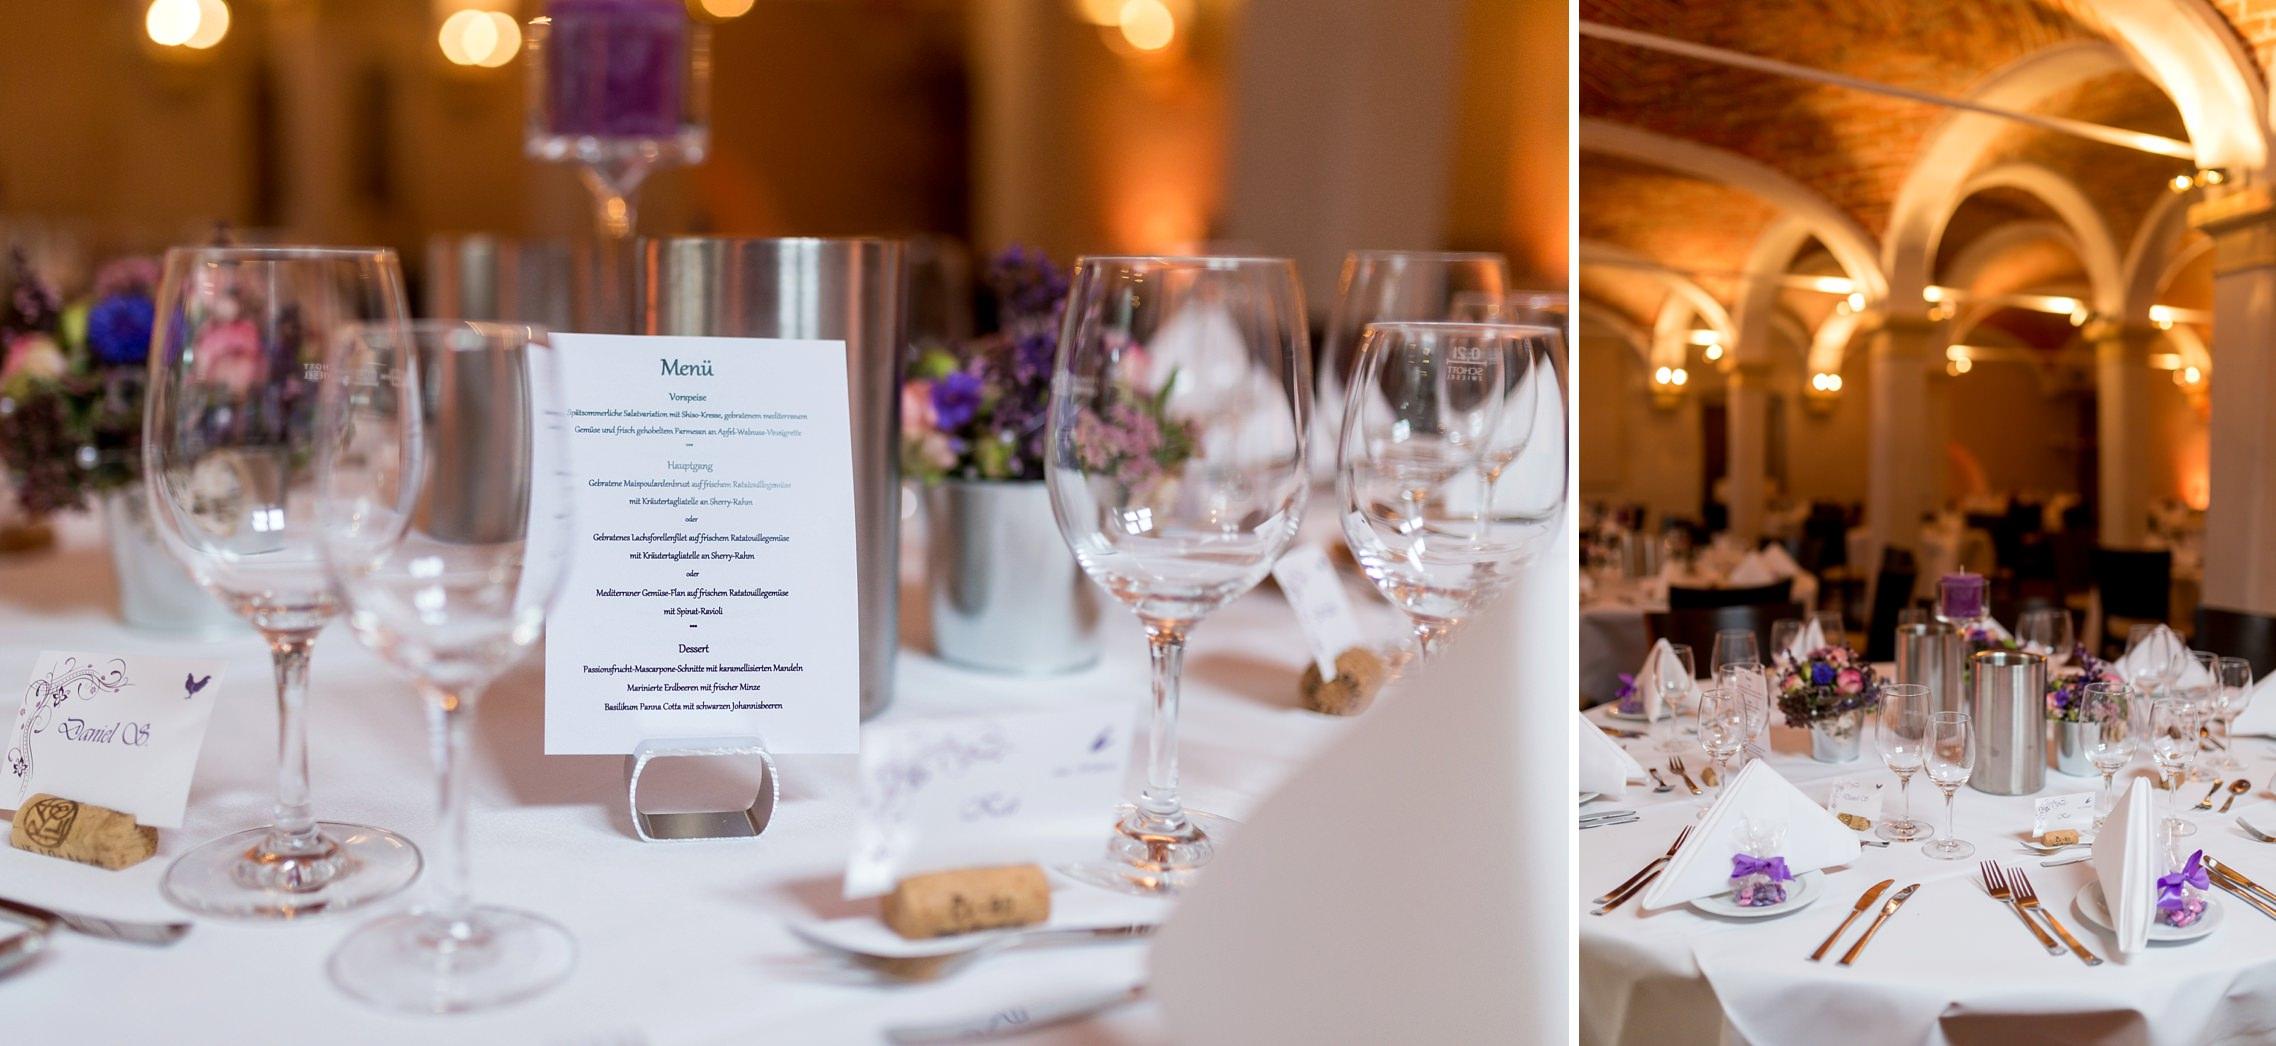 Details der Tischdeko während einer Hochzeitsfeier im Weingut Fitz-Ritter in Bad Dürkheim.